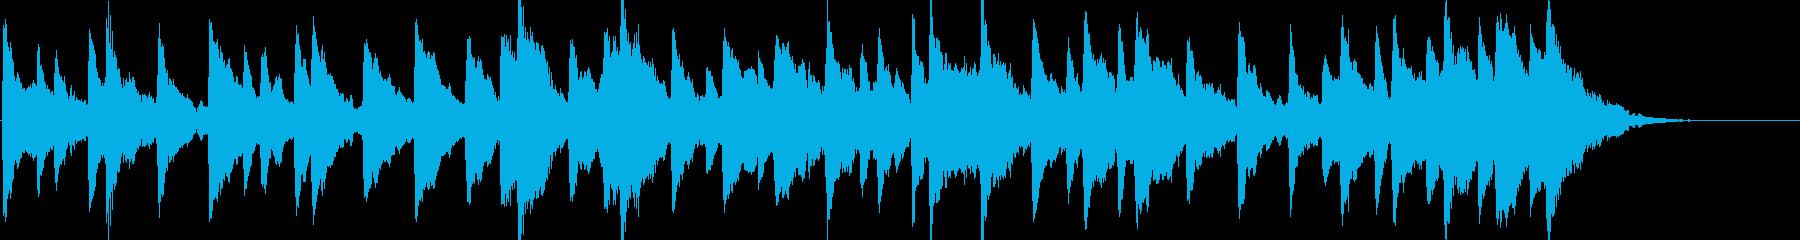 童謡「雪やこんこん」オルゴールbpm86の再生済みの波形